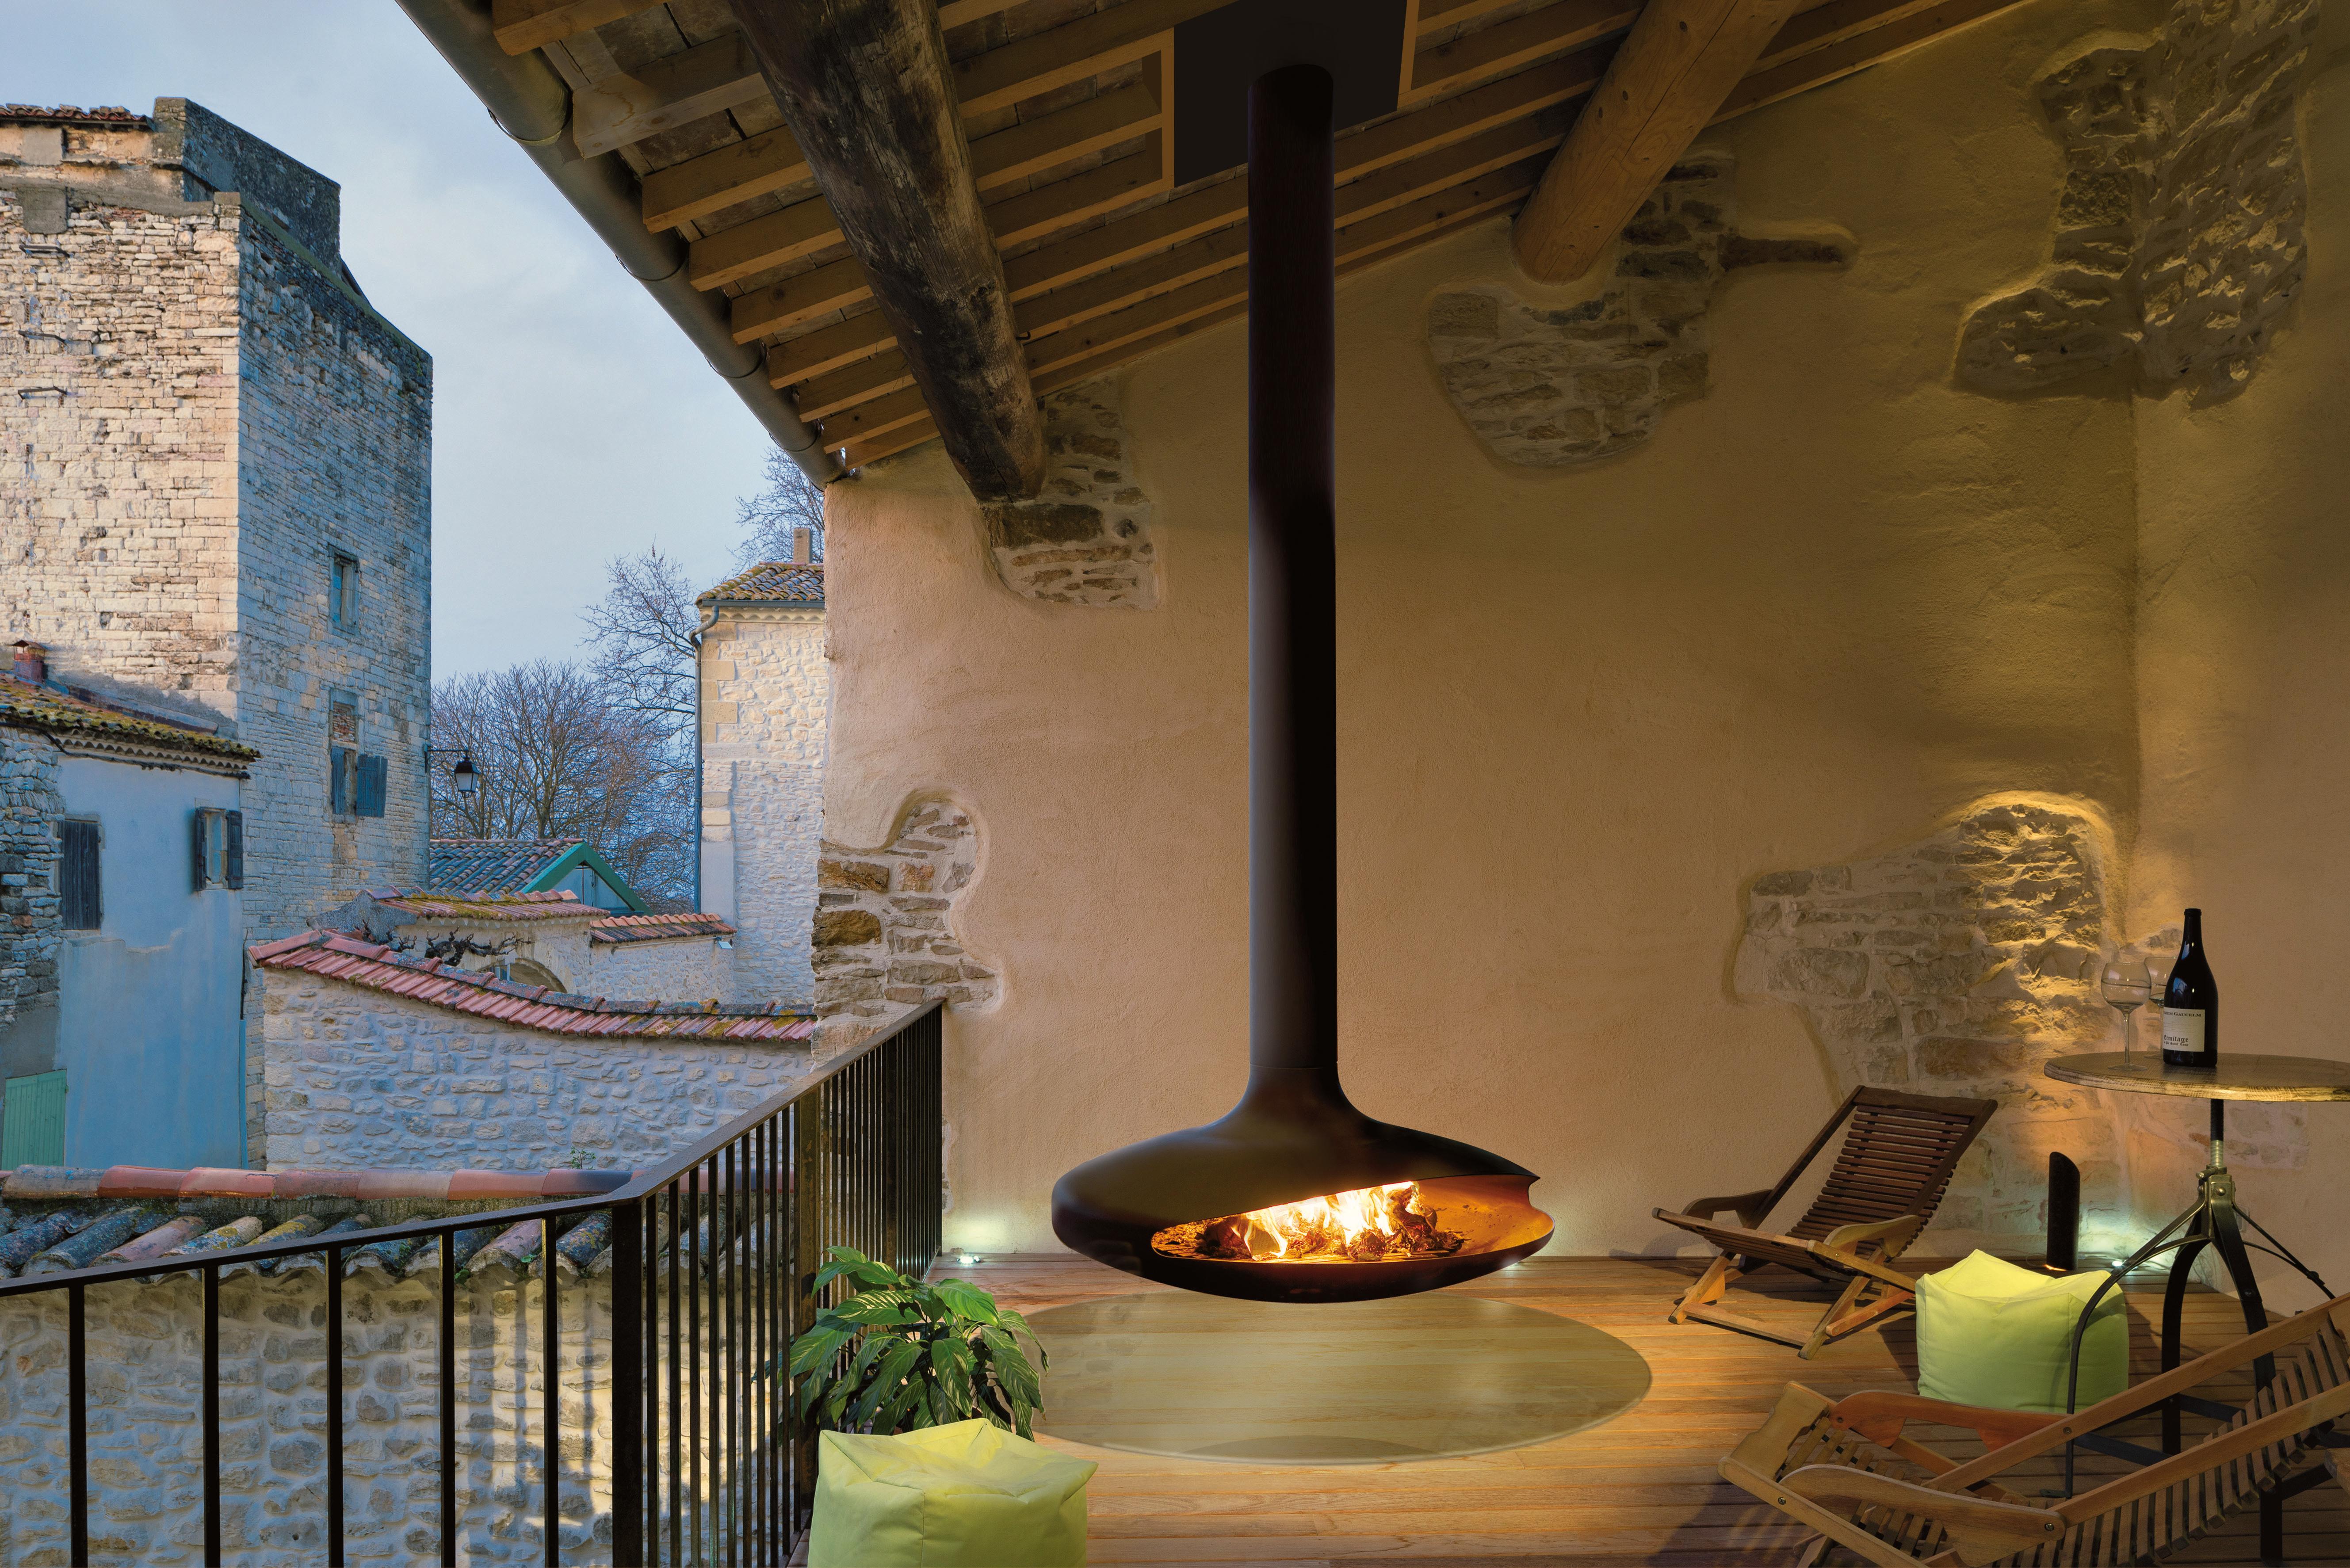 cheminée design pour l'extérieur Gyrofocus outdoor